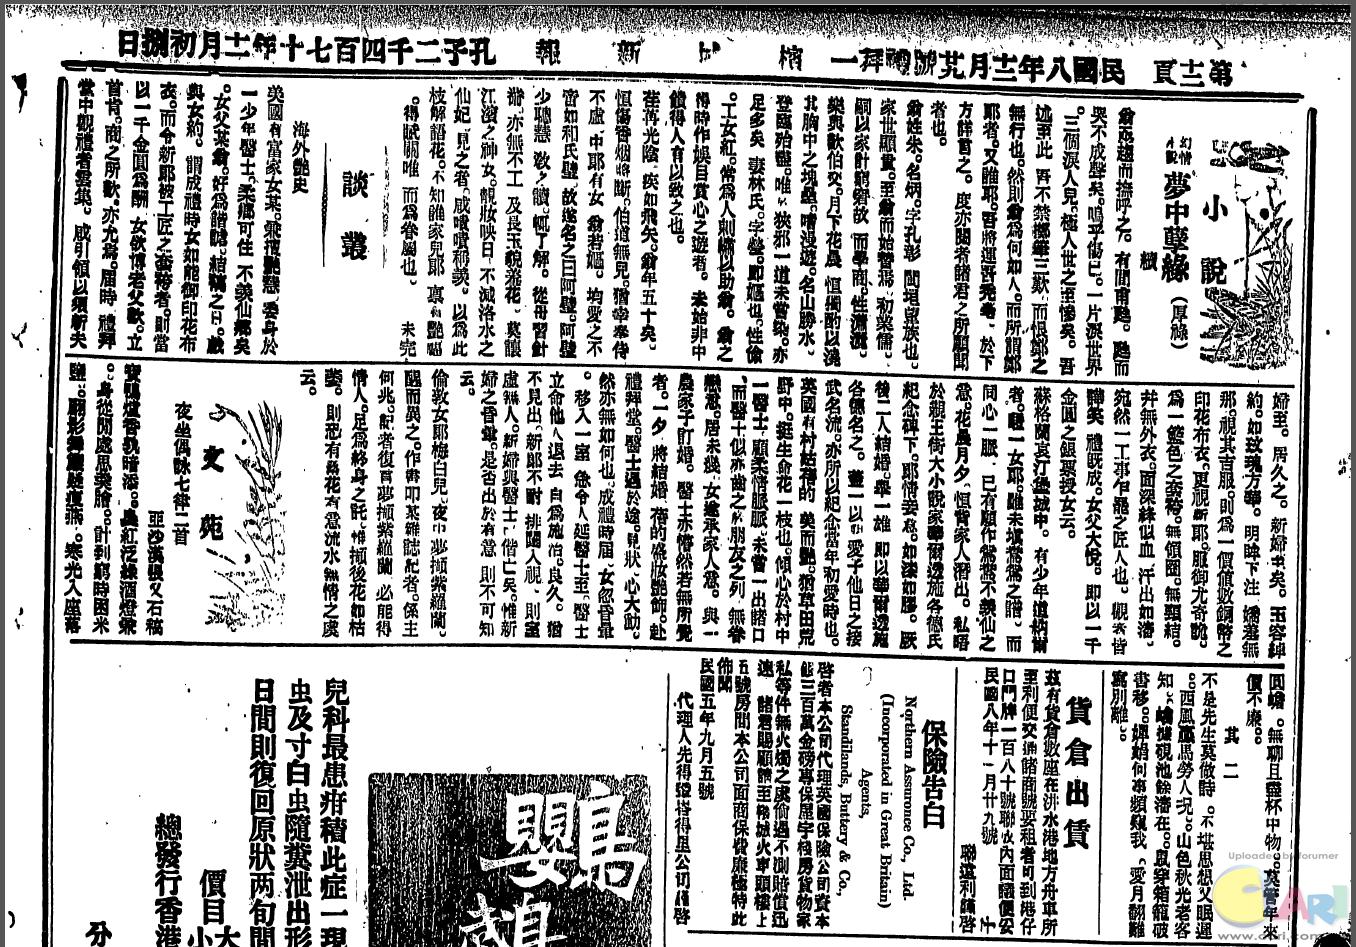 1919-12-29 小說.png